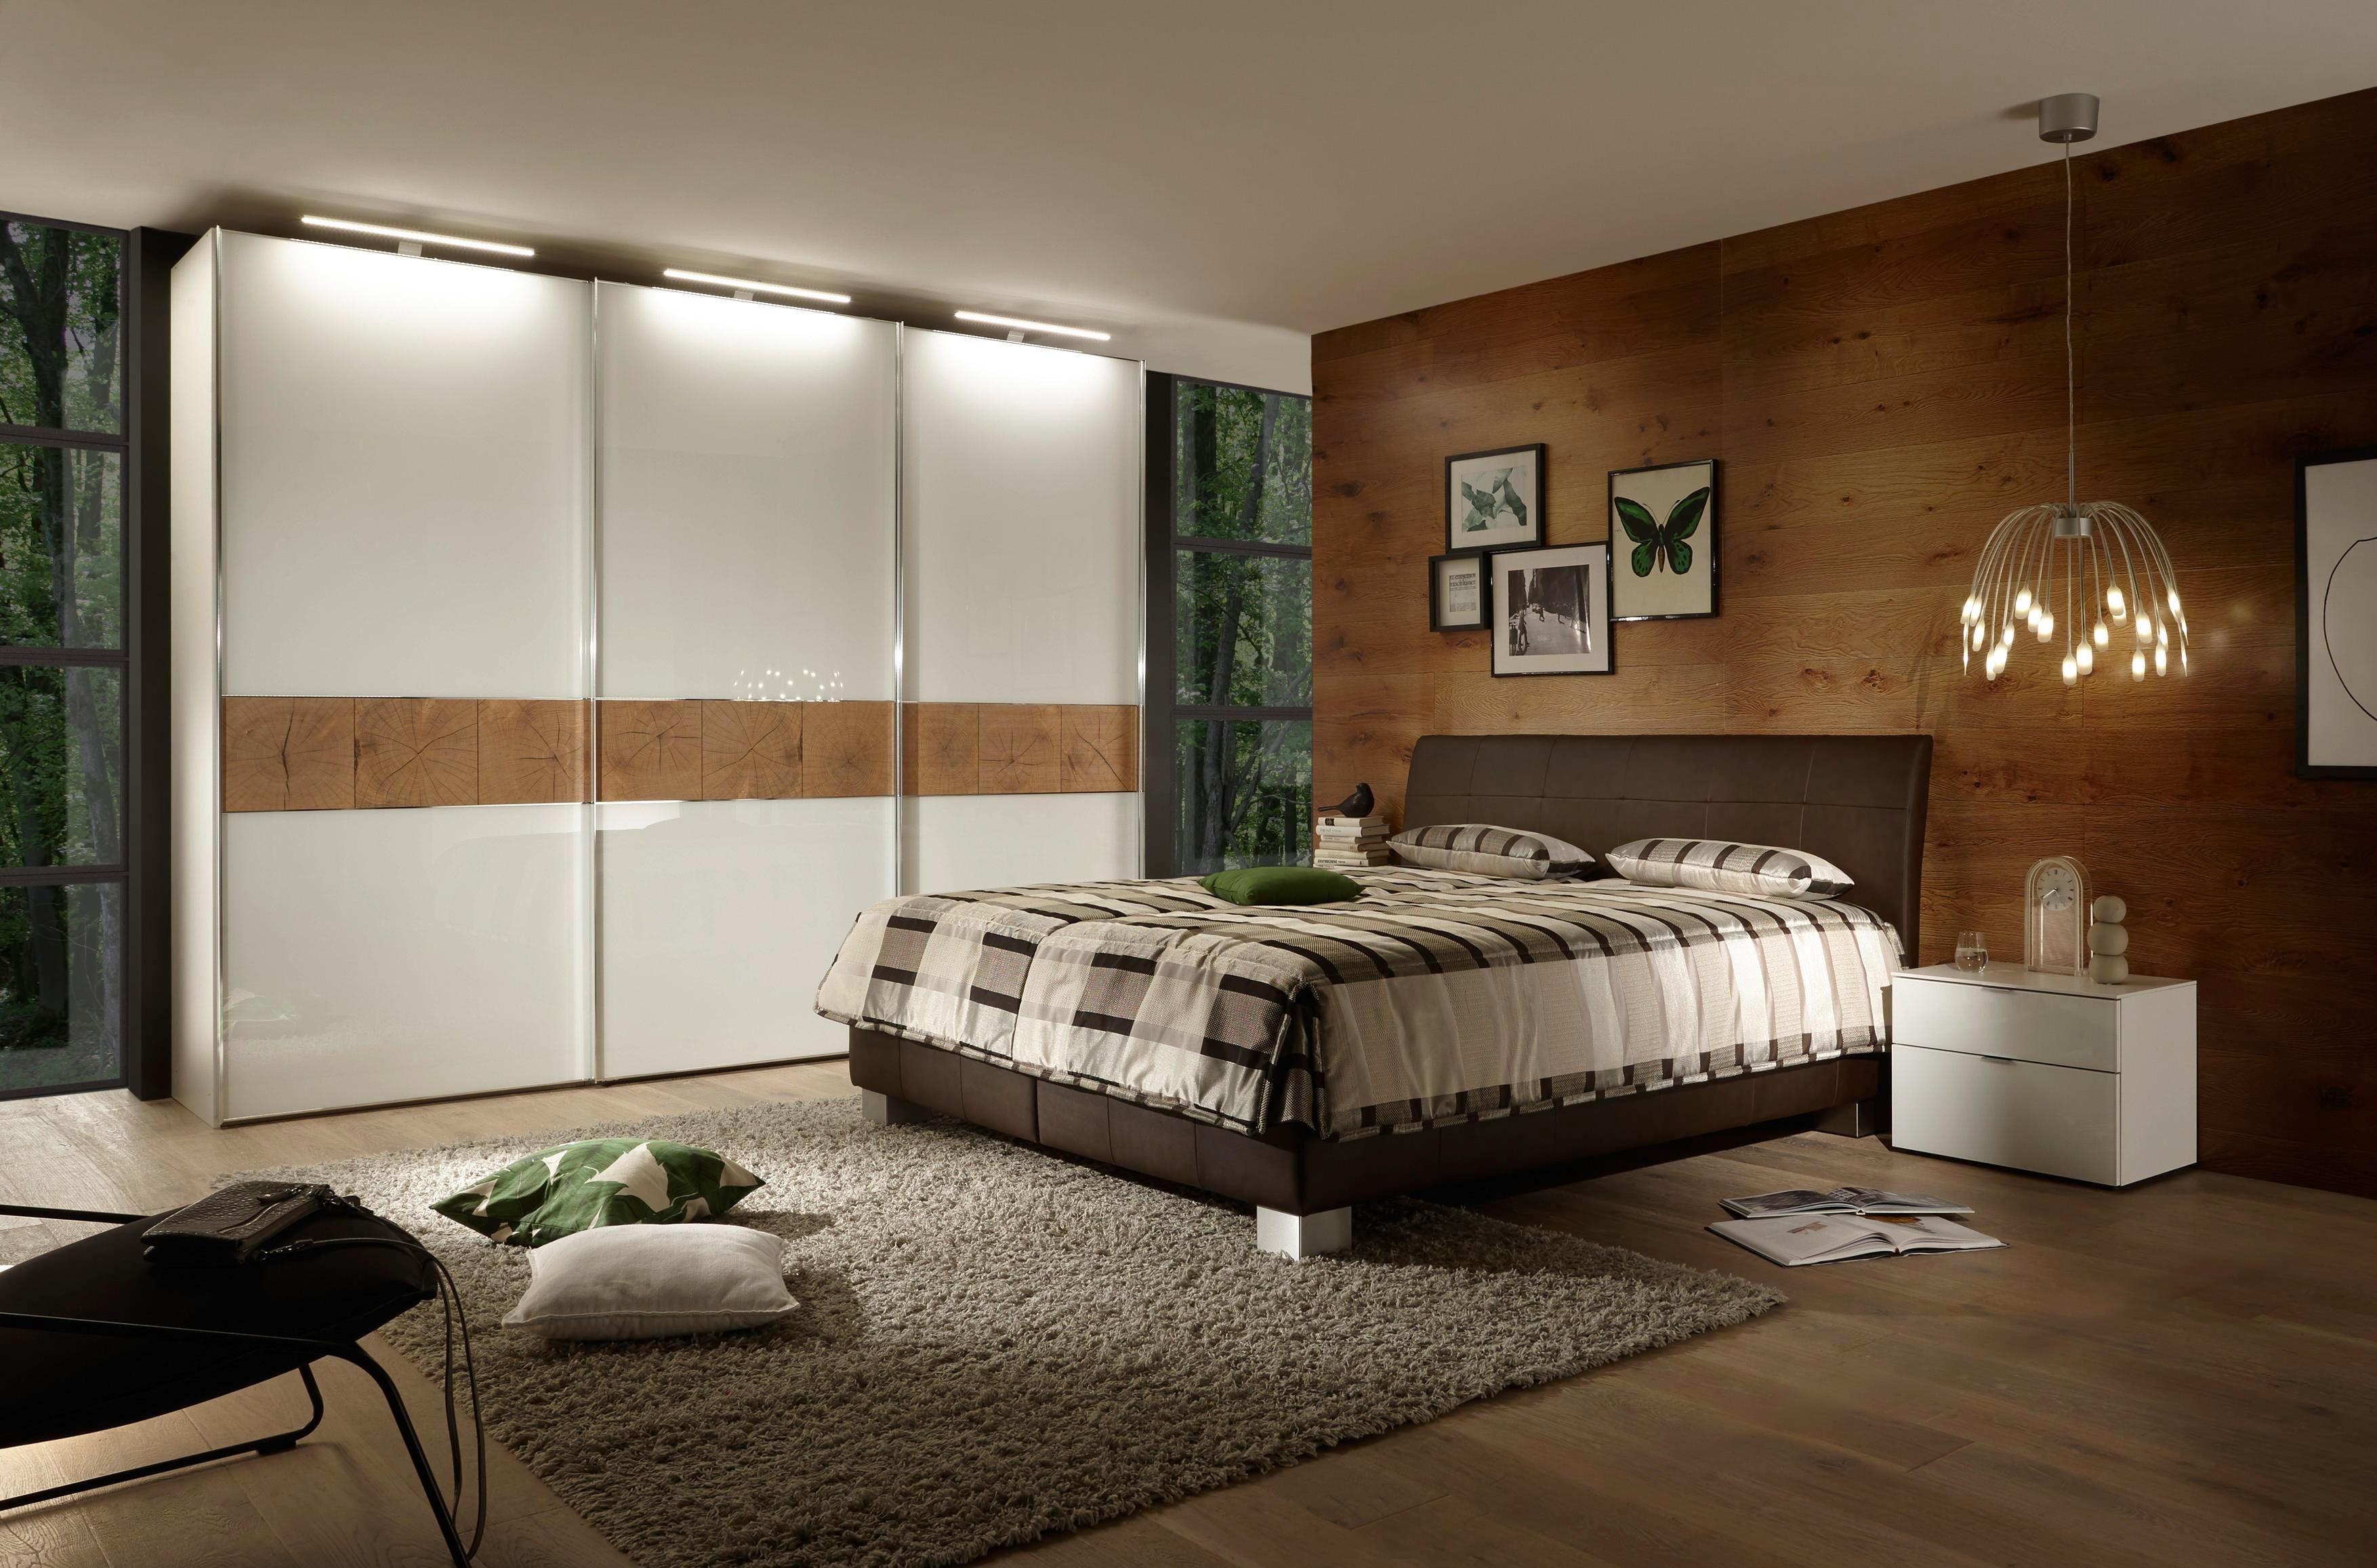 POLSTERBETT 180 cm   x 200 cm   in Leder Braun - Silberfarben/Braun, KONVENTIONELL, Leder/Textil (180/200cm) - ADA AUSTRIA